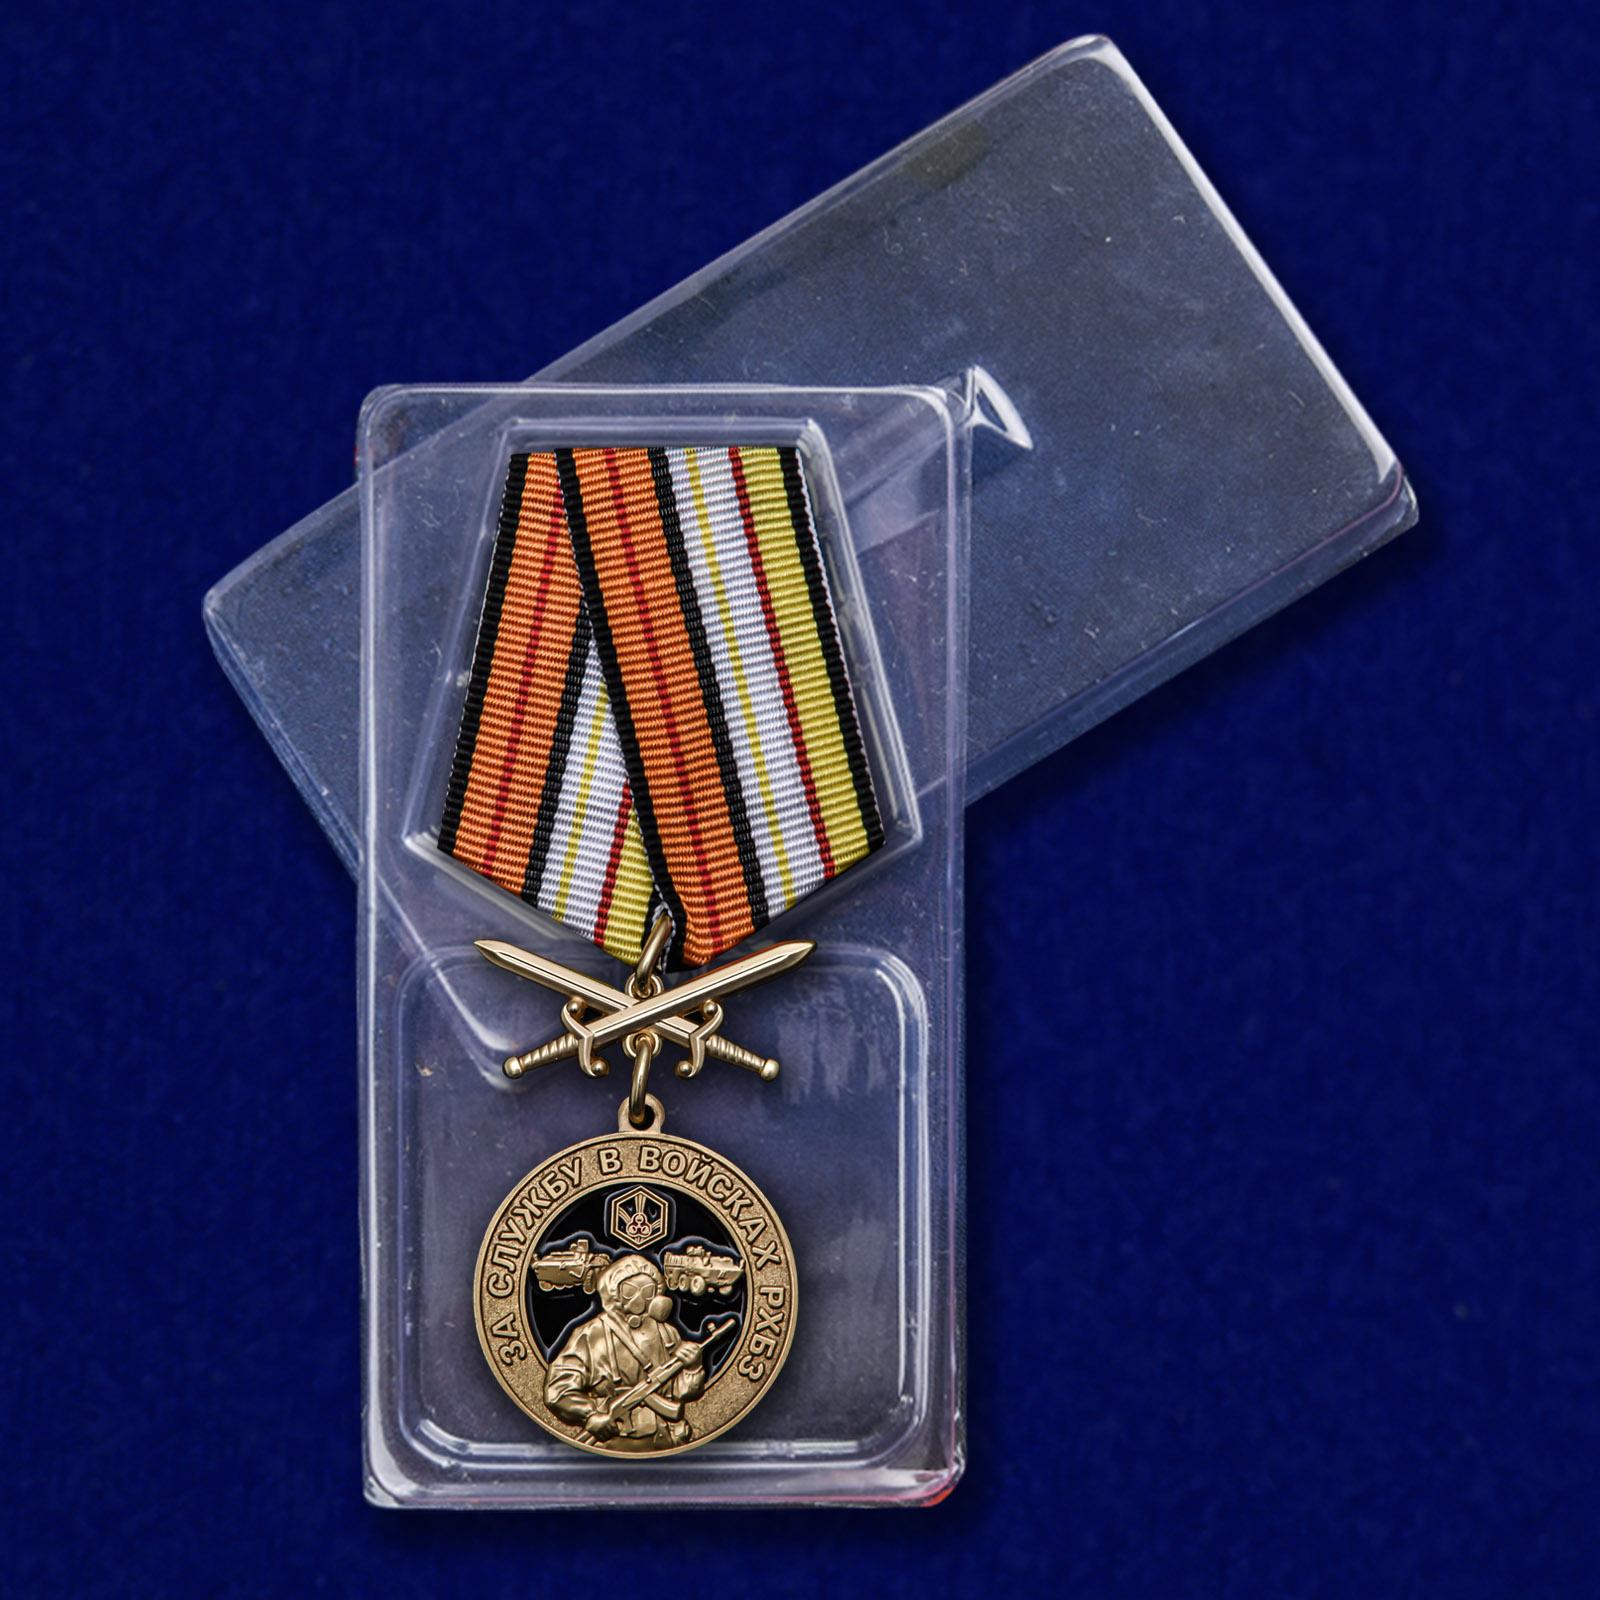 """Медаль """"За службу в Войсках РХБЗ"""" в футляре"""